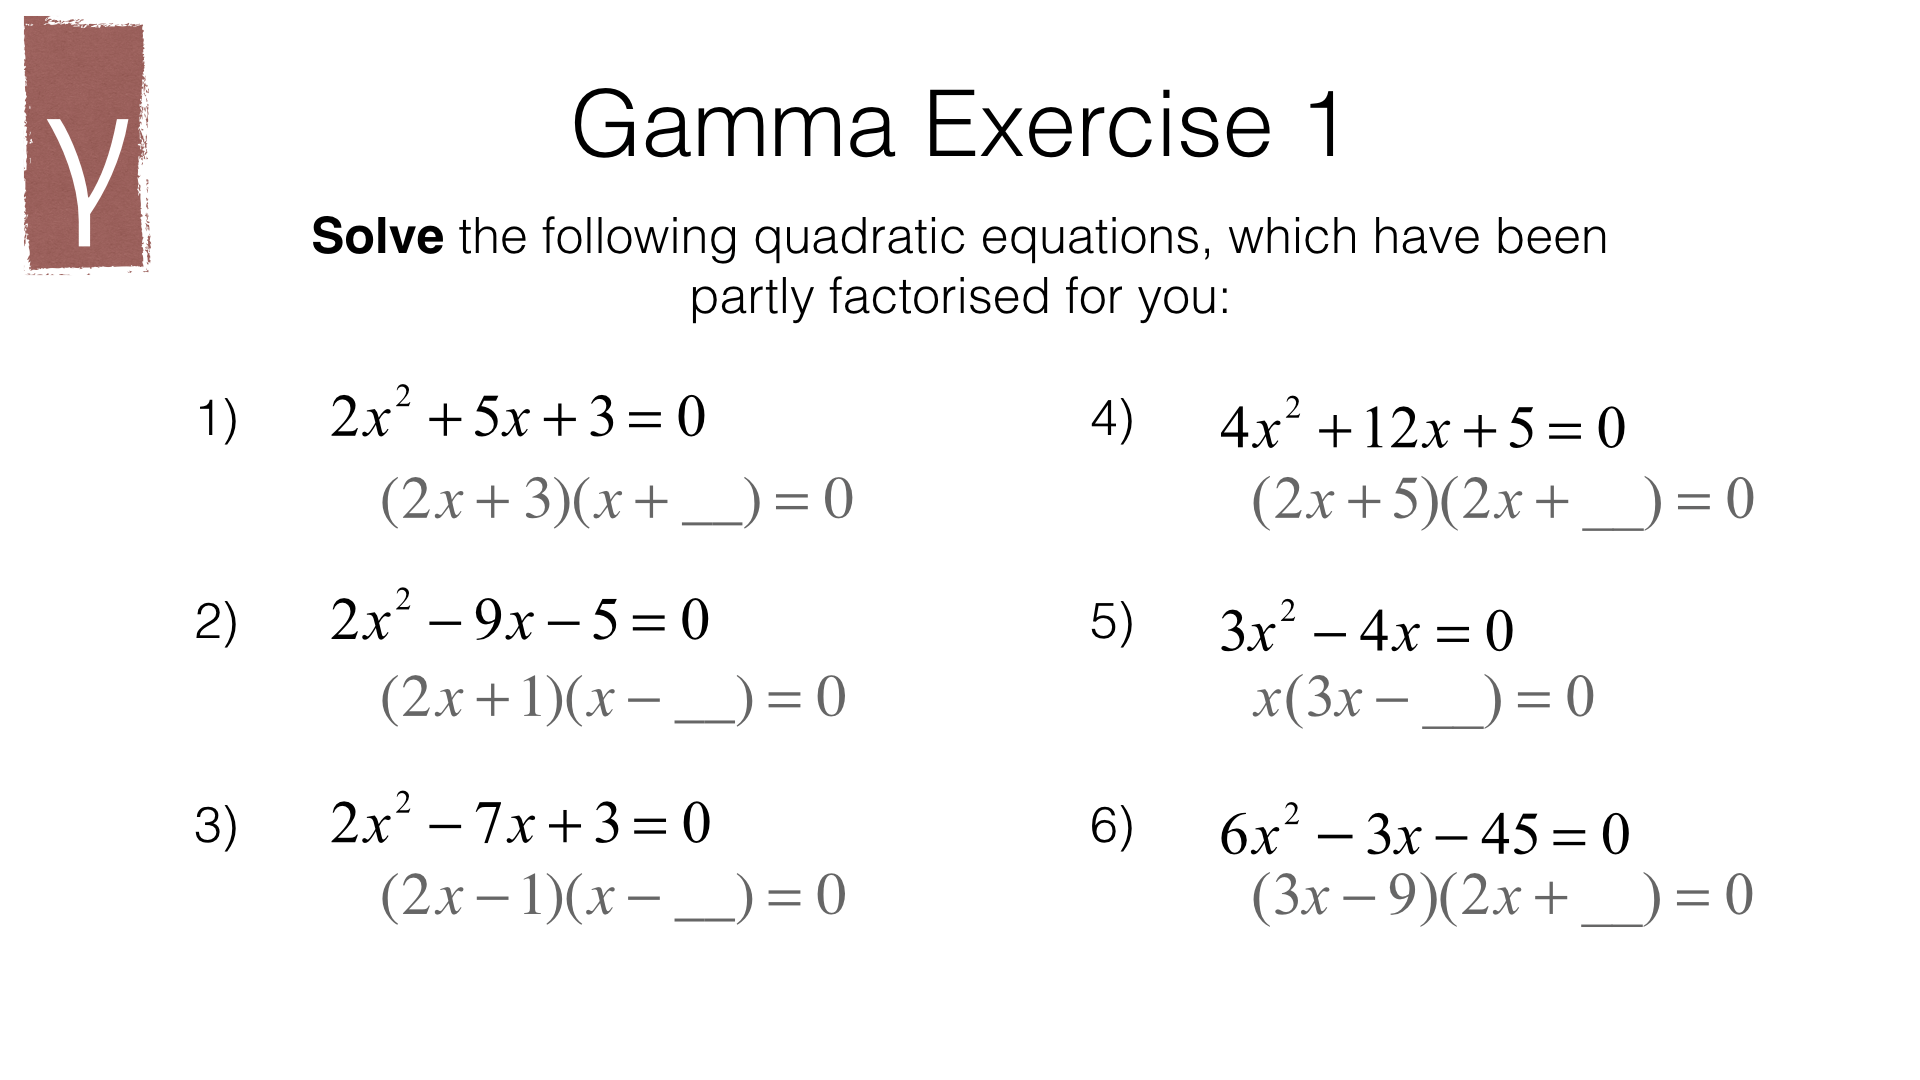 Hard Quadratic Equations Examples